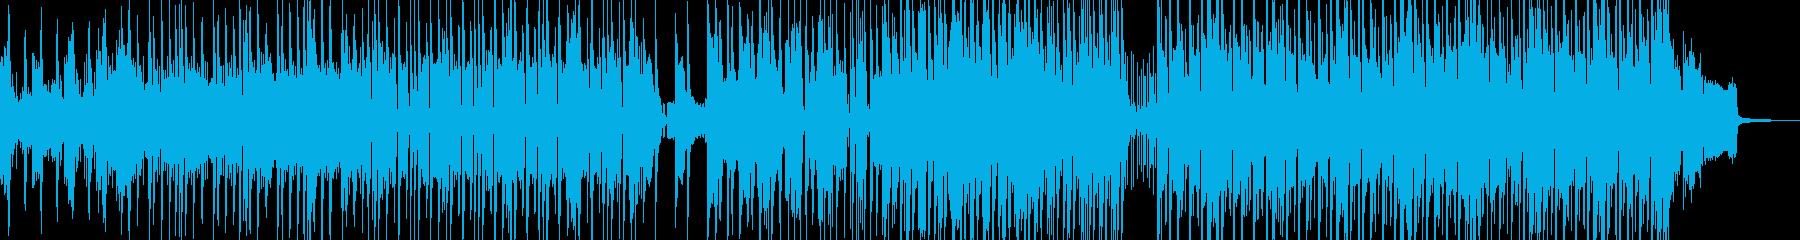 無機質でエモいヒップホップ 短尺の再生済みの波形